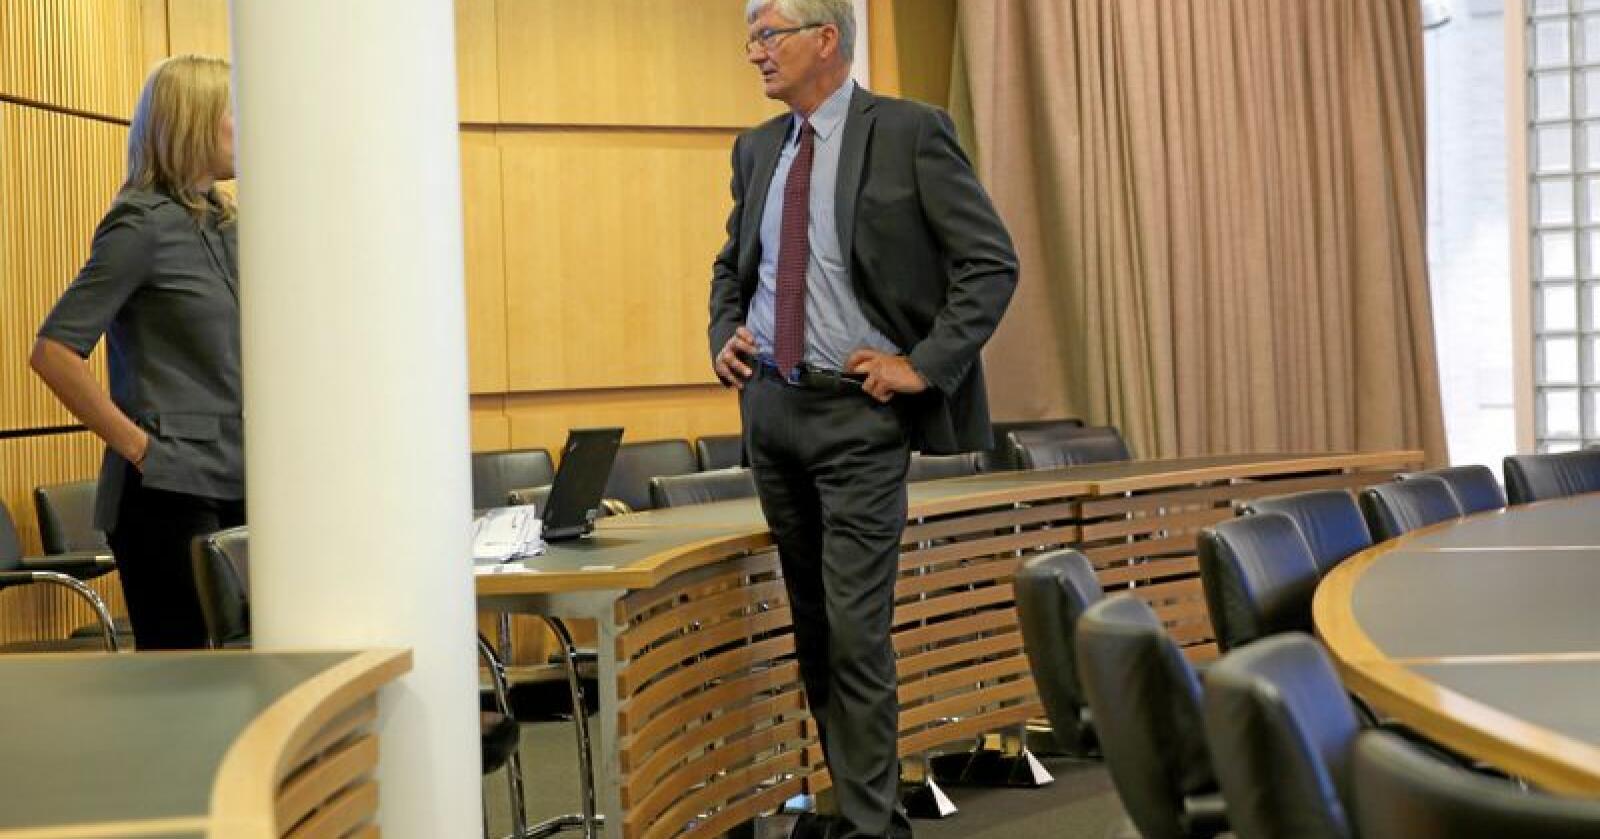 Kalkulator: Samfunnsøkonom Steinar Juel i i Civita har regnet på Nord-Norgebanen. Foto: Vidar Ruud/NTB scanpix